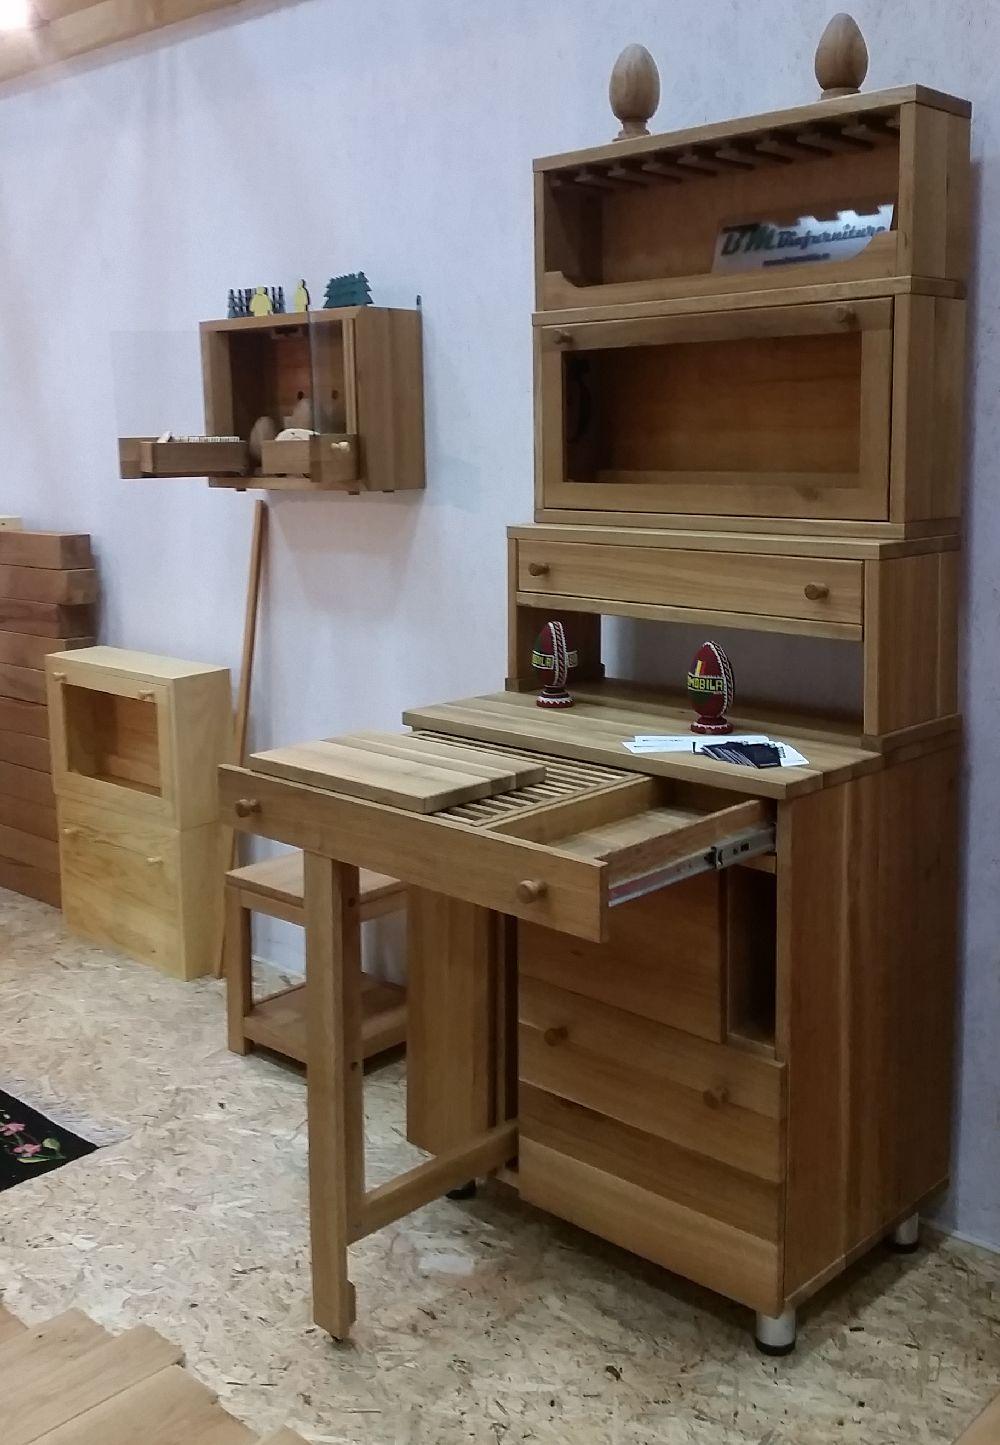 adelaparvu.com despre mobila, jucarii si parchet din lemn masiv, Biojucarii, Biomobila, Suceava (11)